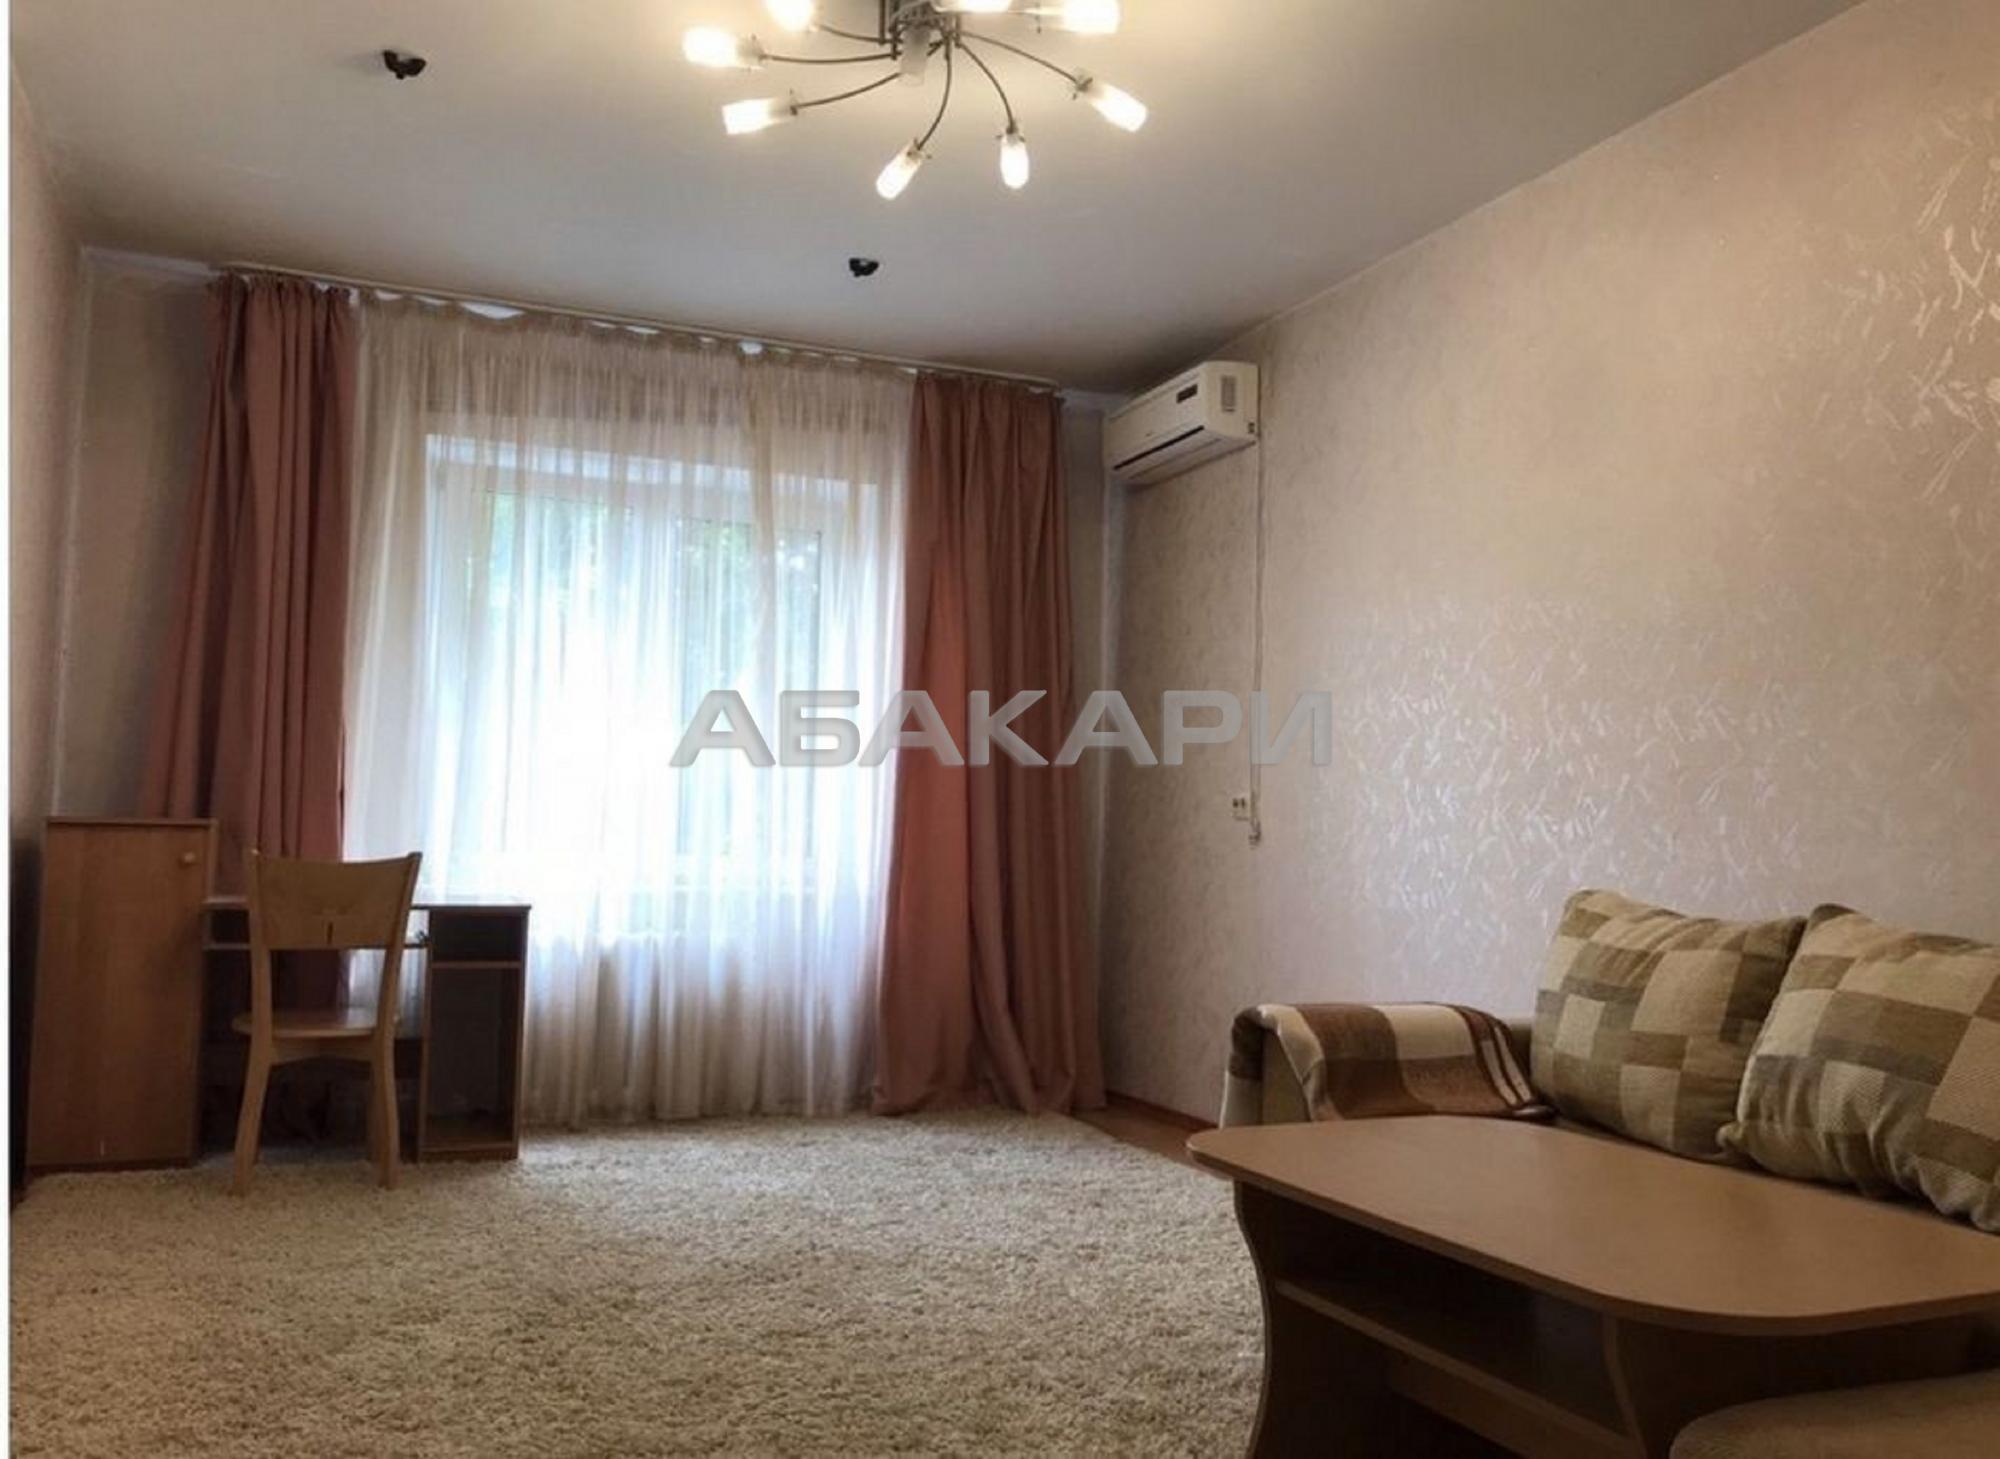 1к квартира улица Александра Матросова, 6   13500   аренда в Красноярске фото 2